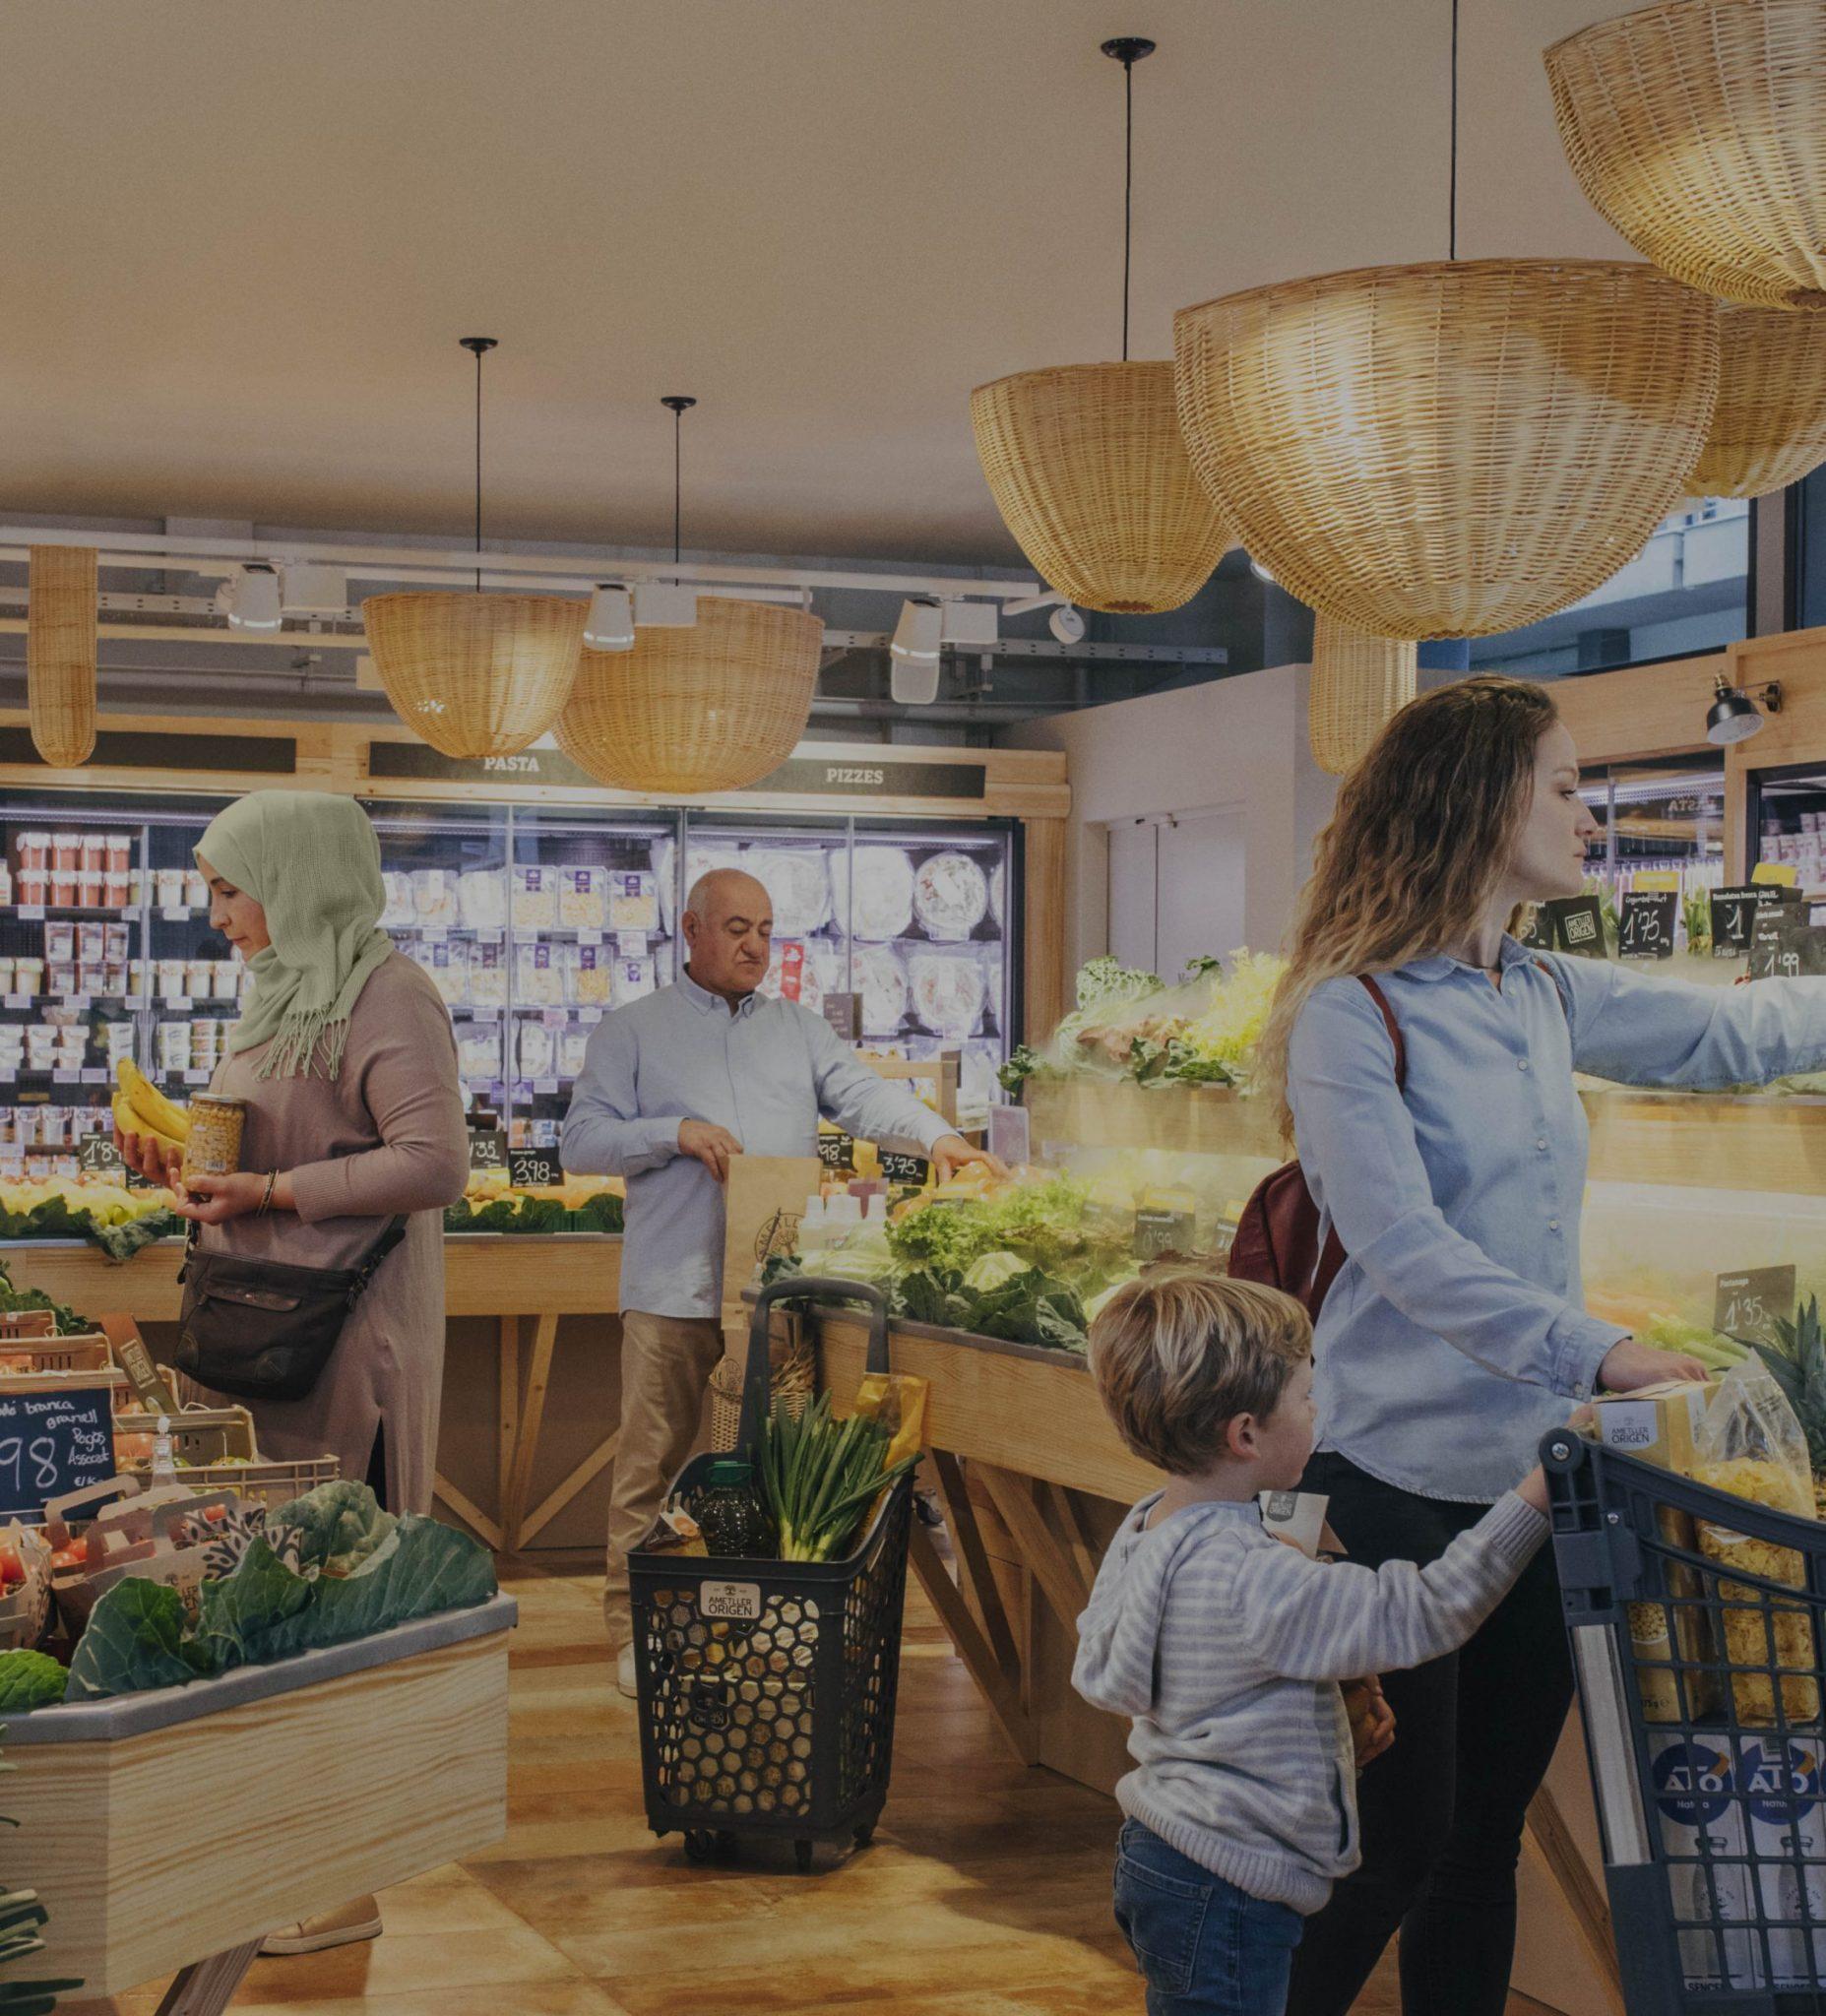 persones comprant en un supermercat